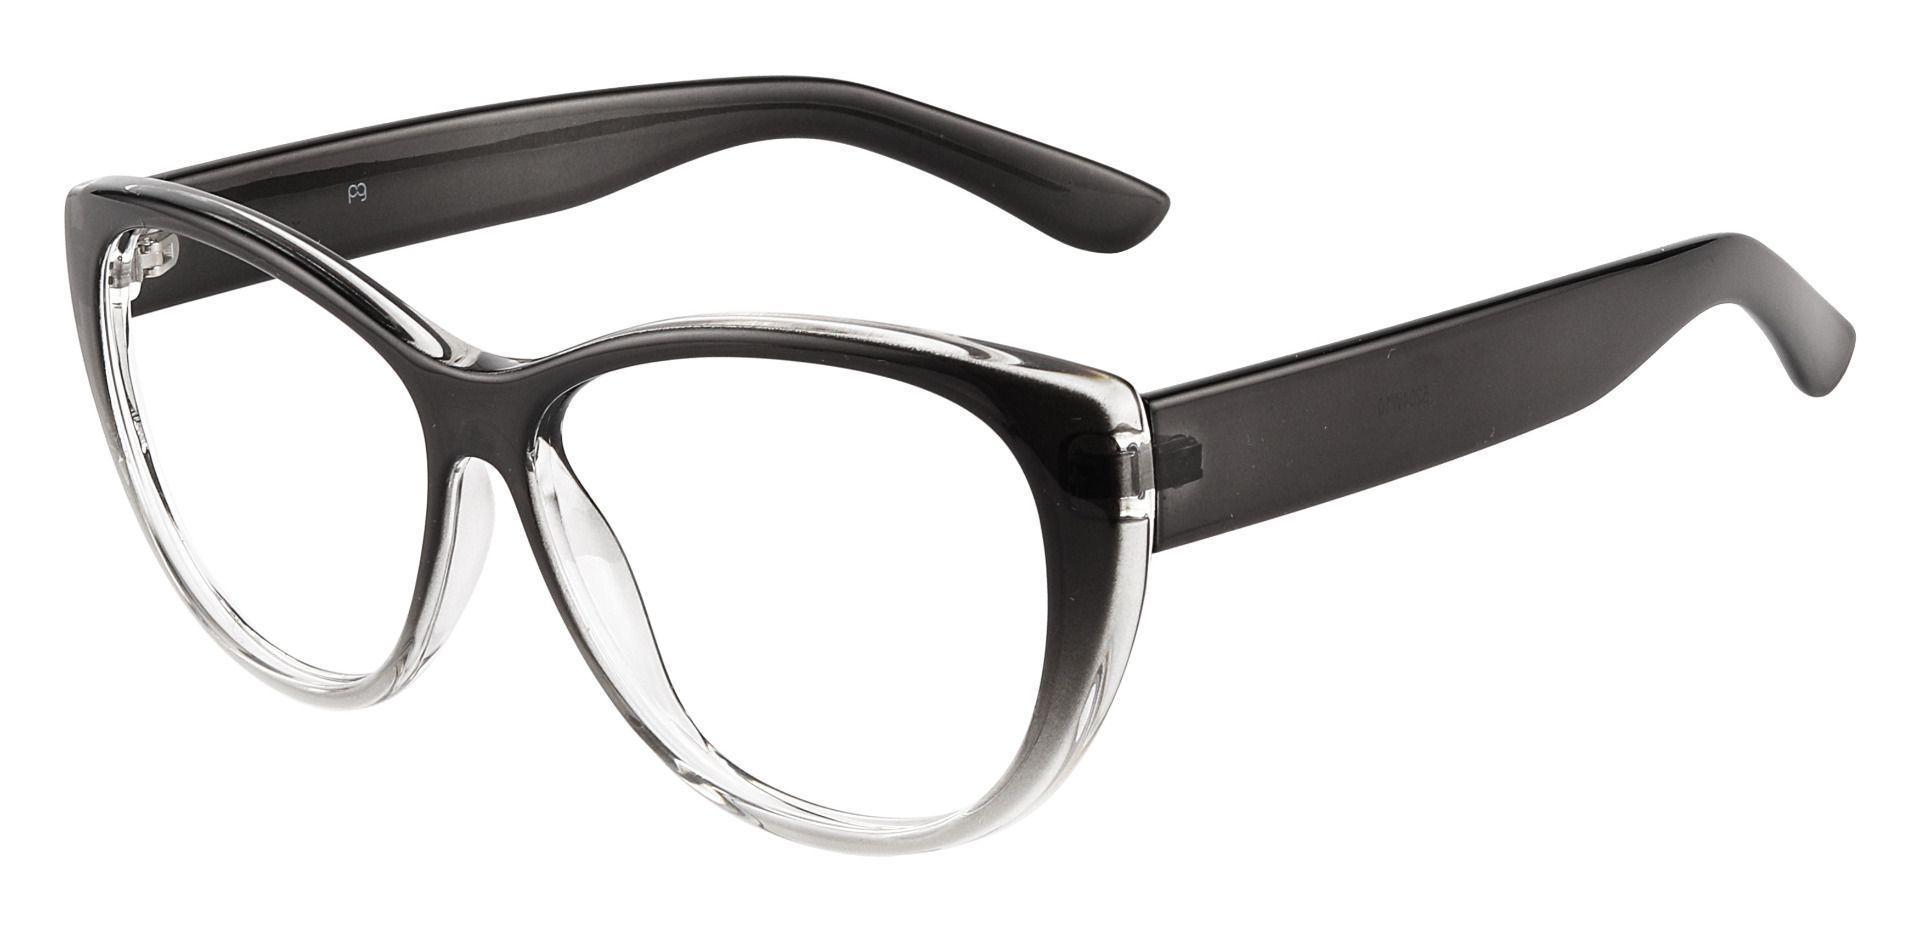 Lynn Cat-Eye Blue Light Blocking Glasses - Gray